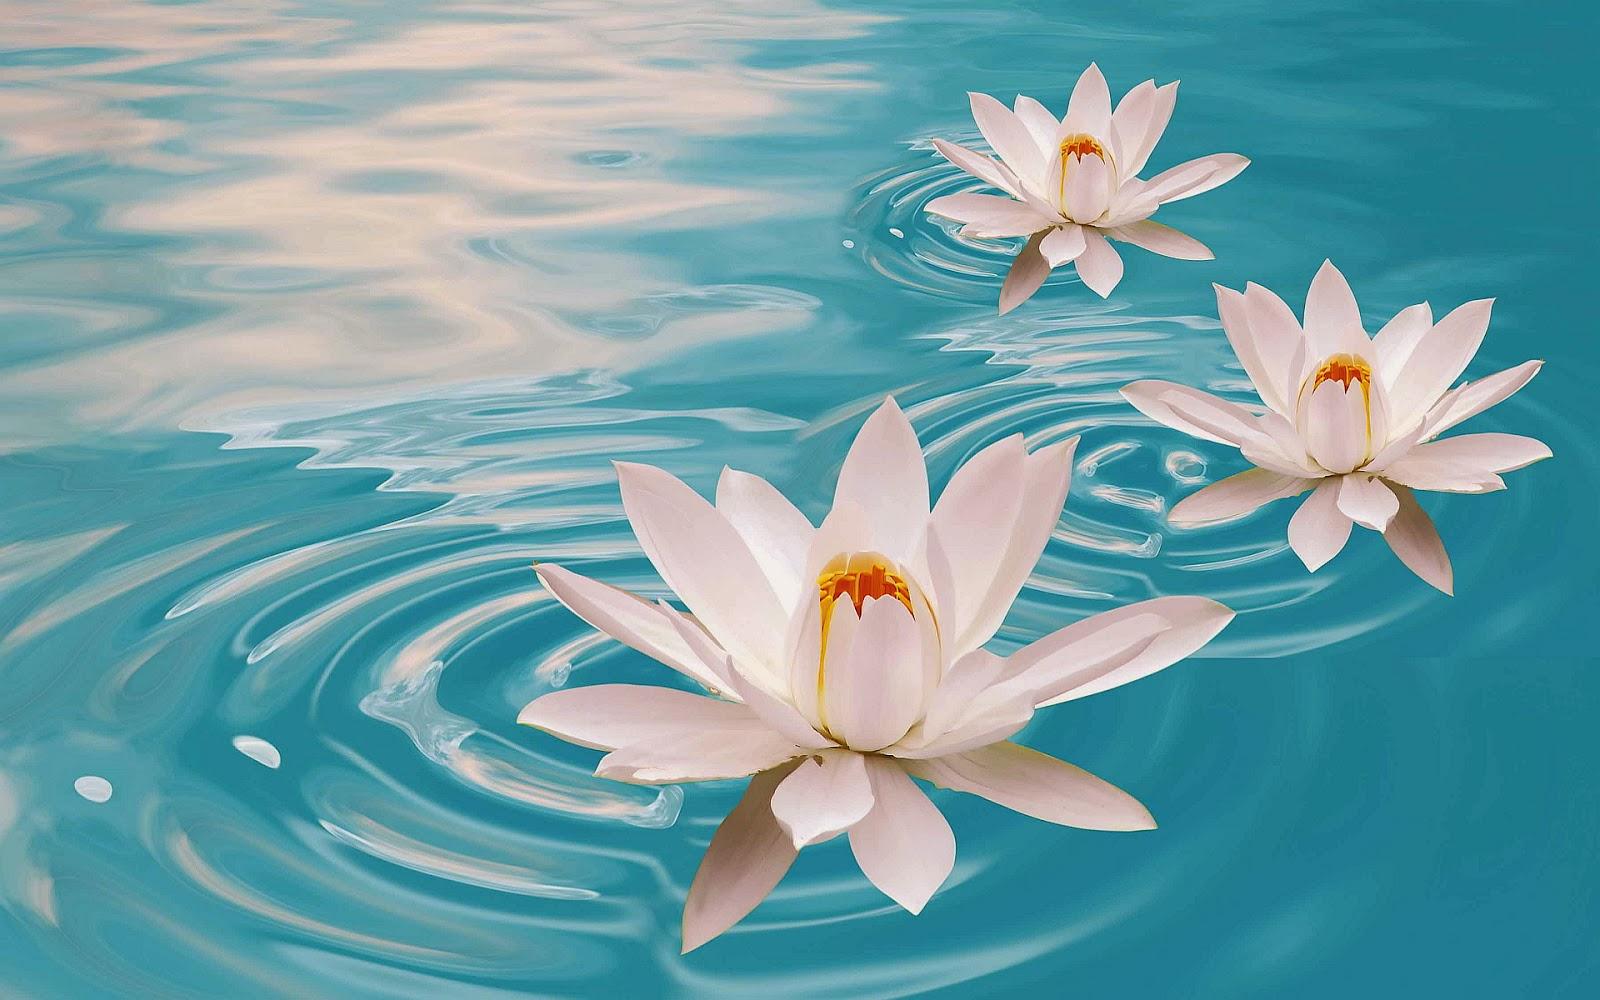 Lotus Wallpaper For Desktop Wallpapersafari